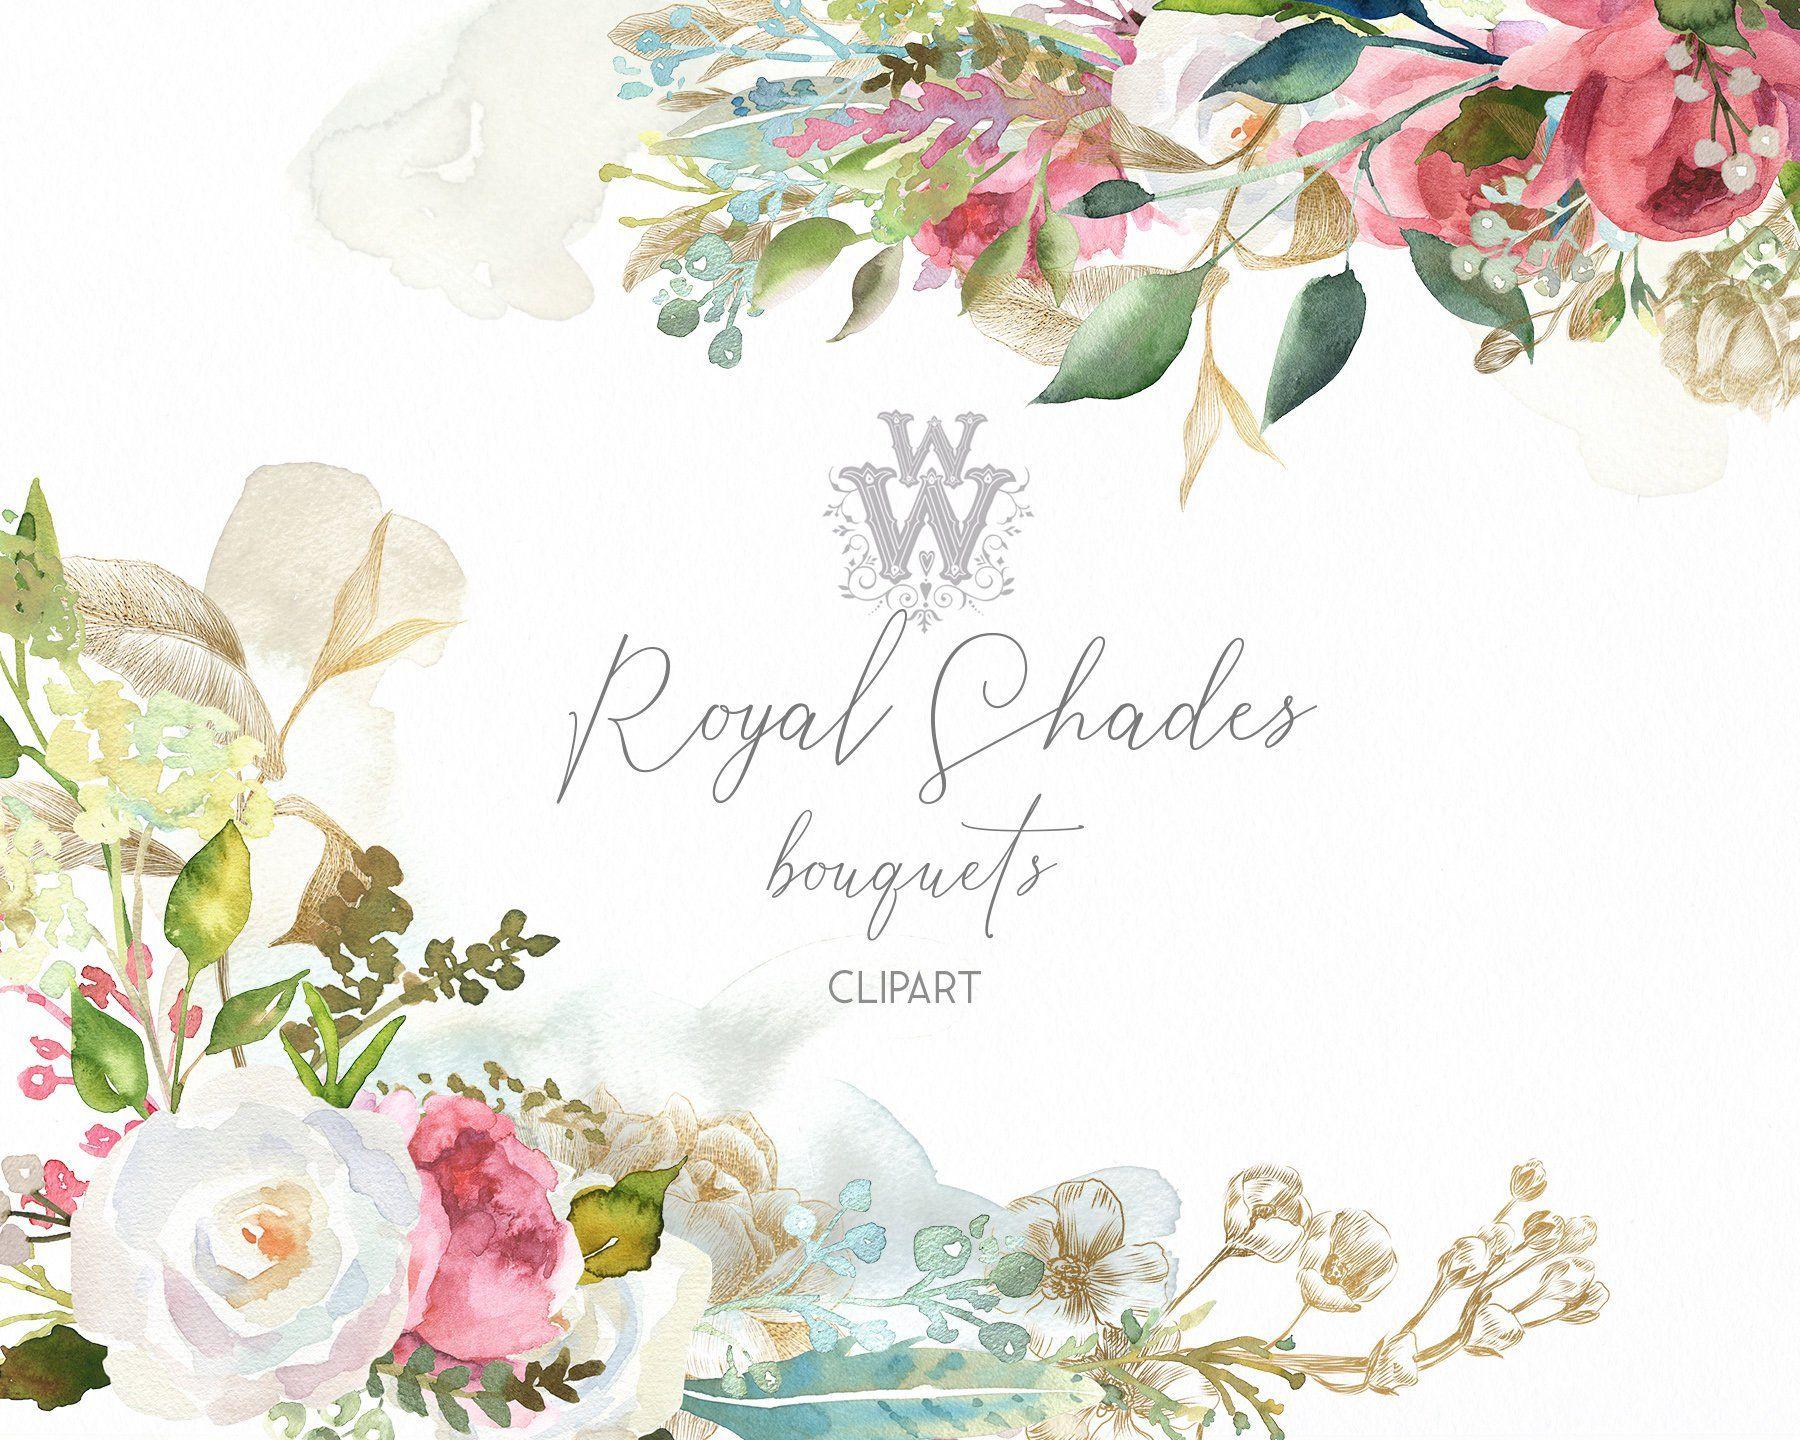 Watercolor Floral Wedding Bouquet Clipart Engagement Invitation